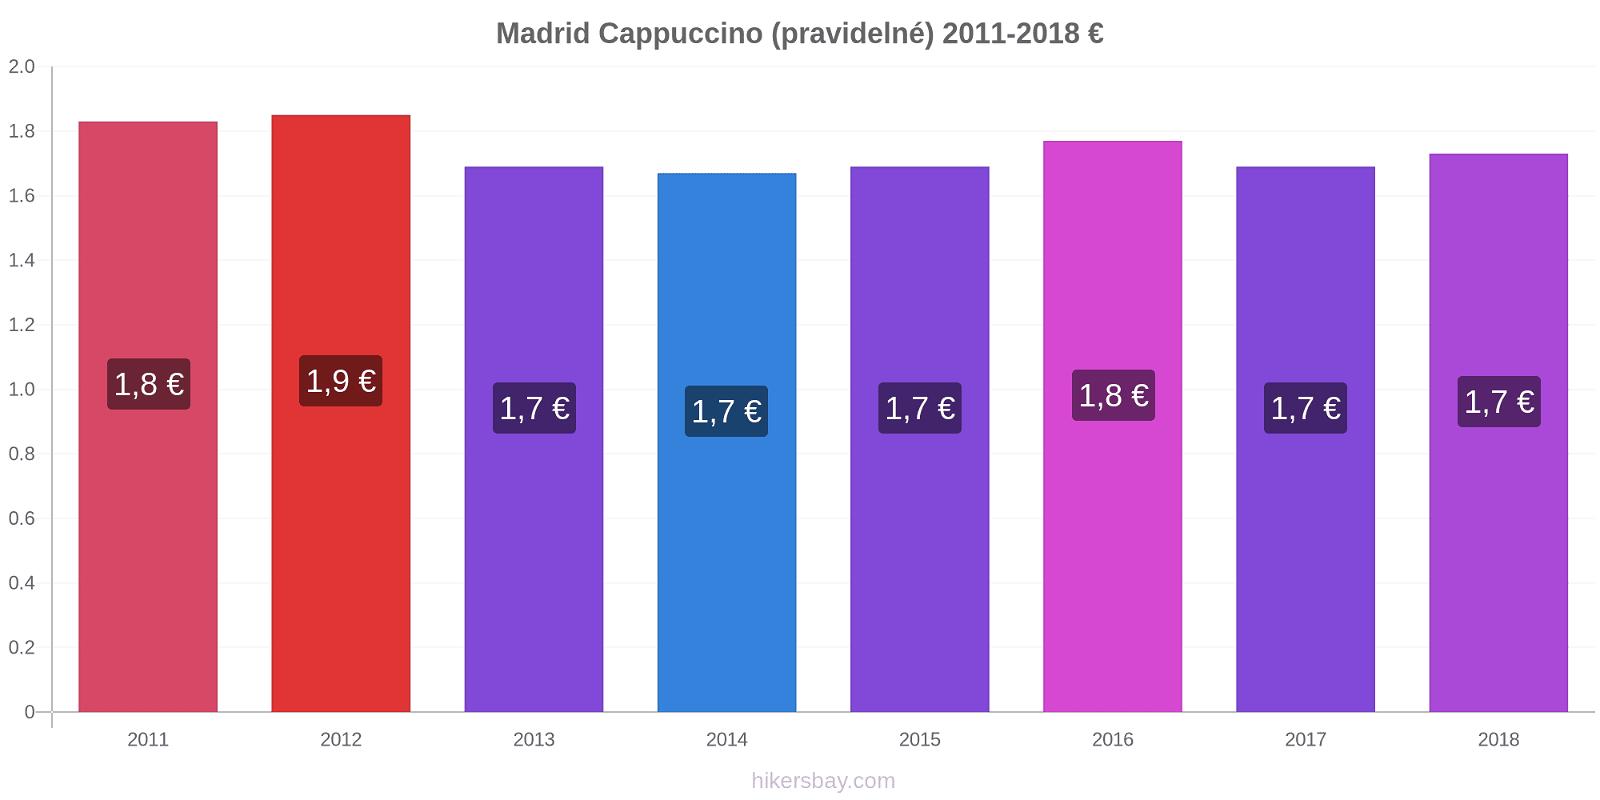 Madrid změny cen Cappuccino (pravidelné) hikersbay.com